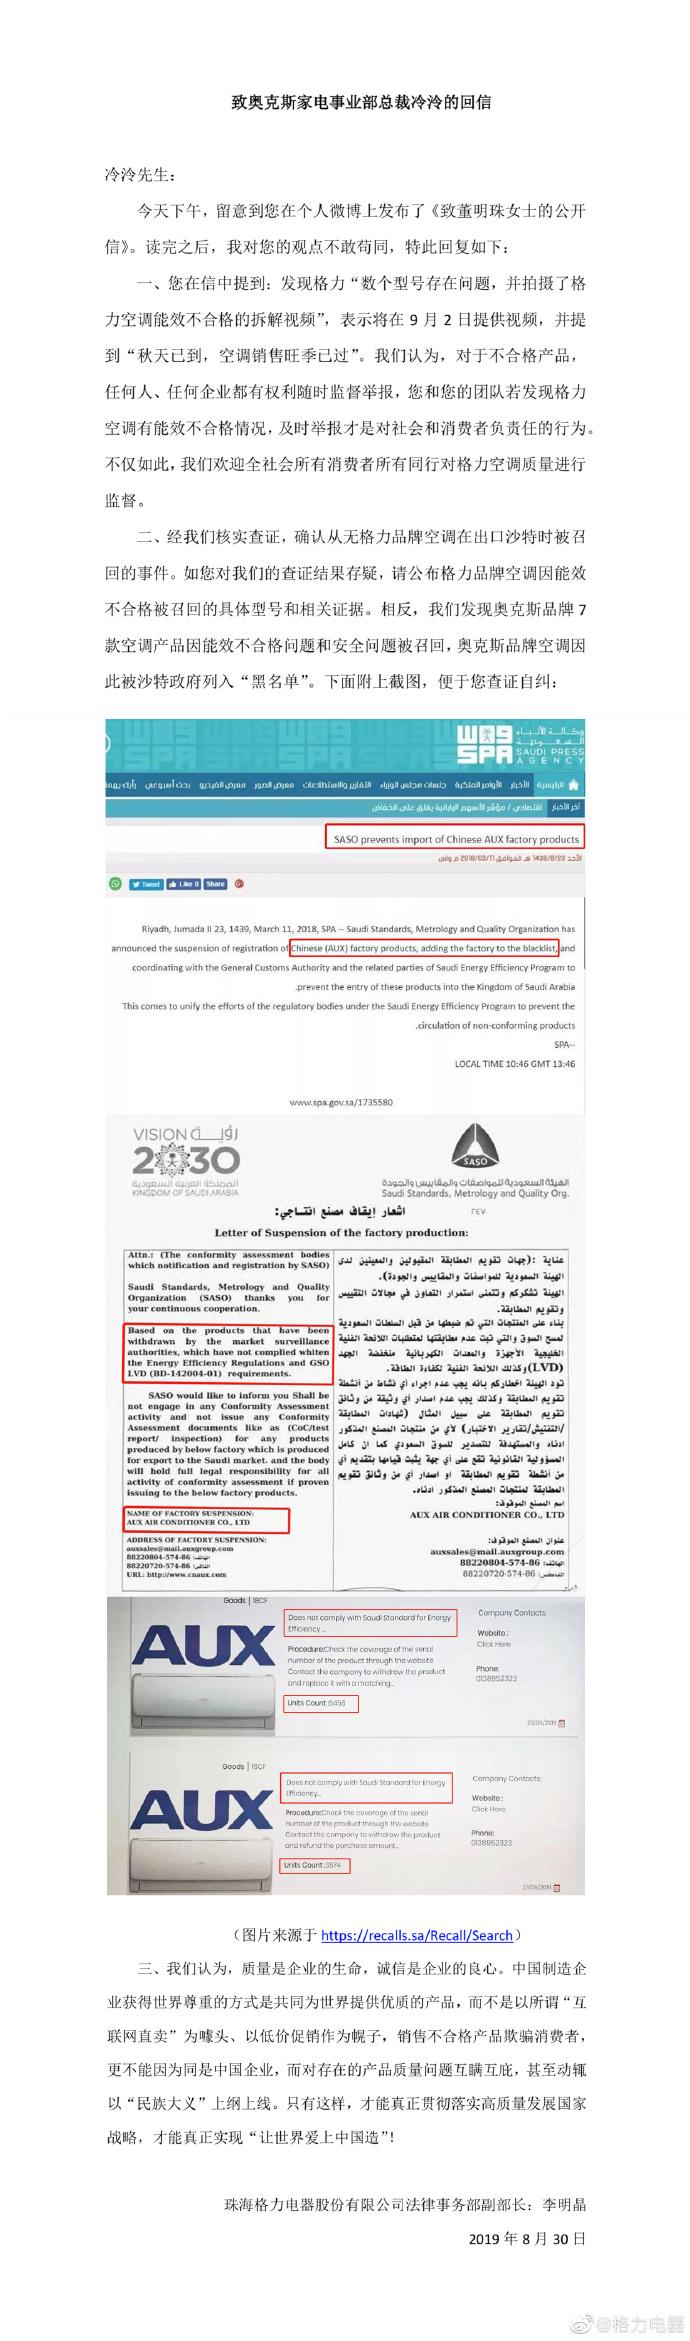 """格力电器回应奥克斯家电事业部总裁:你们的部分空调被沙特列入""""黑名单""""-玩懂手机网 - 玩懂手机第一手的手机资讯网(www.wdshouji.com)"""